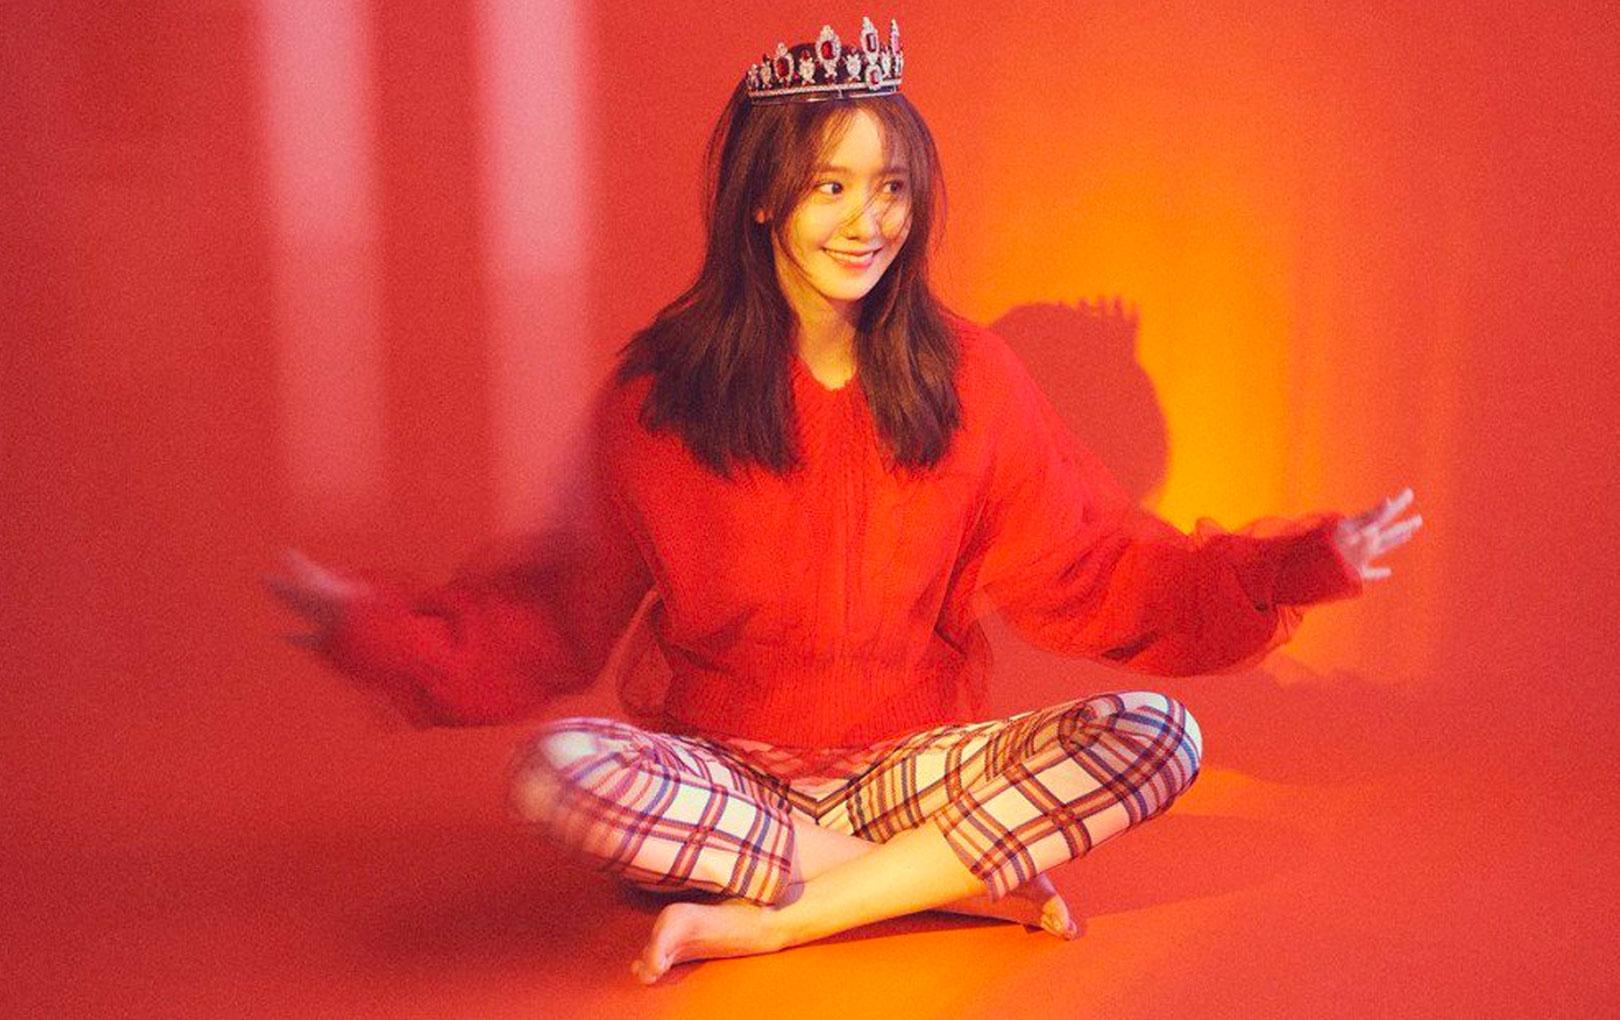 Tiền bối Yoona dành 7 tiếng tập nhảy 10 ca khúc của BLACKPINK, TWICE, Red Velvet trước thềm fanmeeting